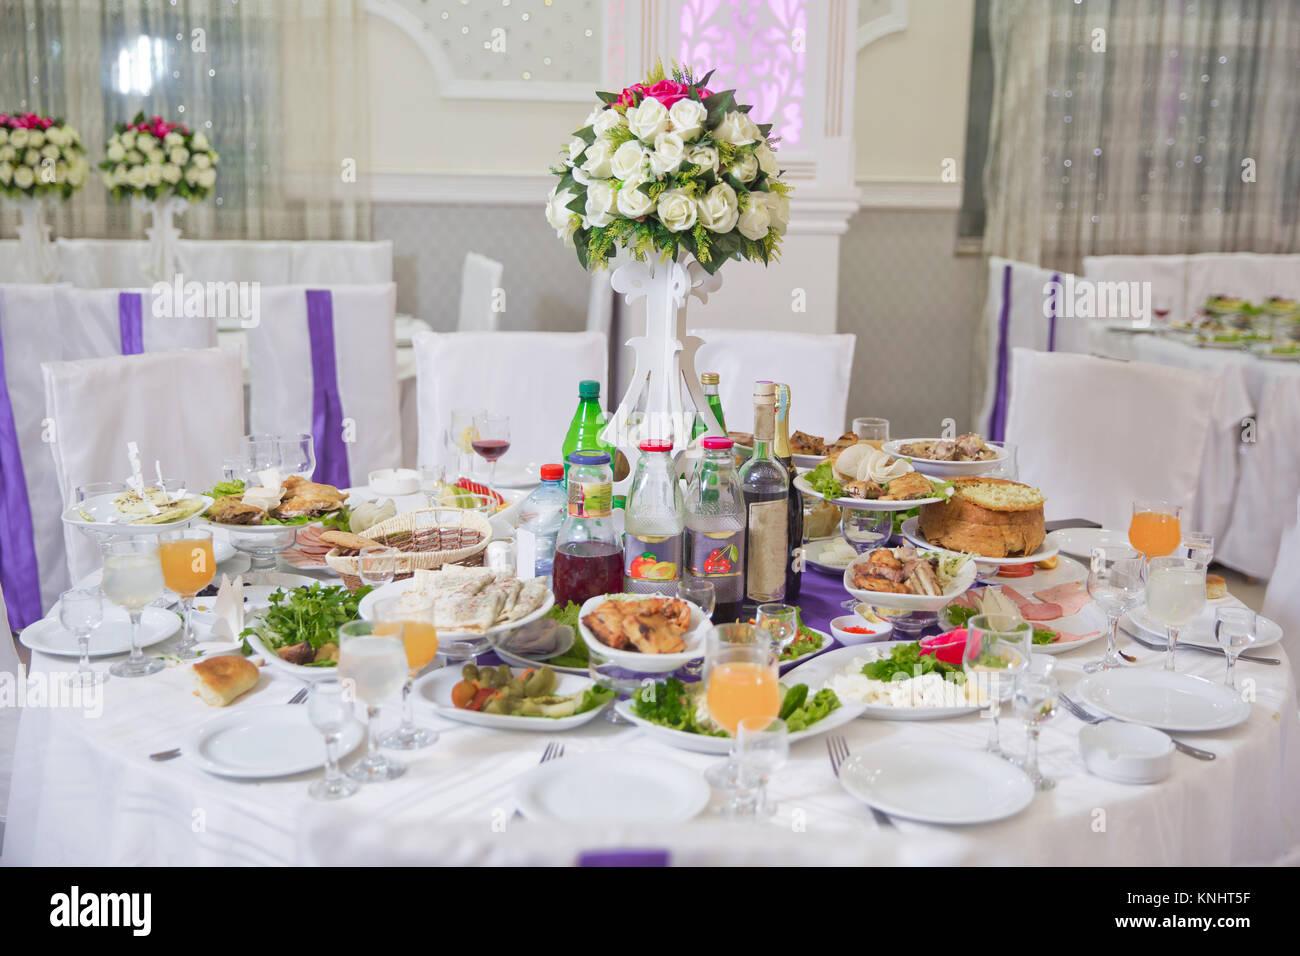 Hochzeit Blumen Dekoration Im Restaurant Schone Blumen Auf Dem